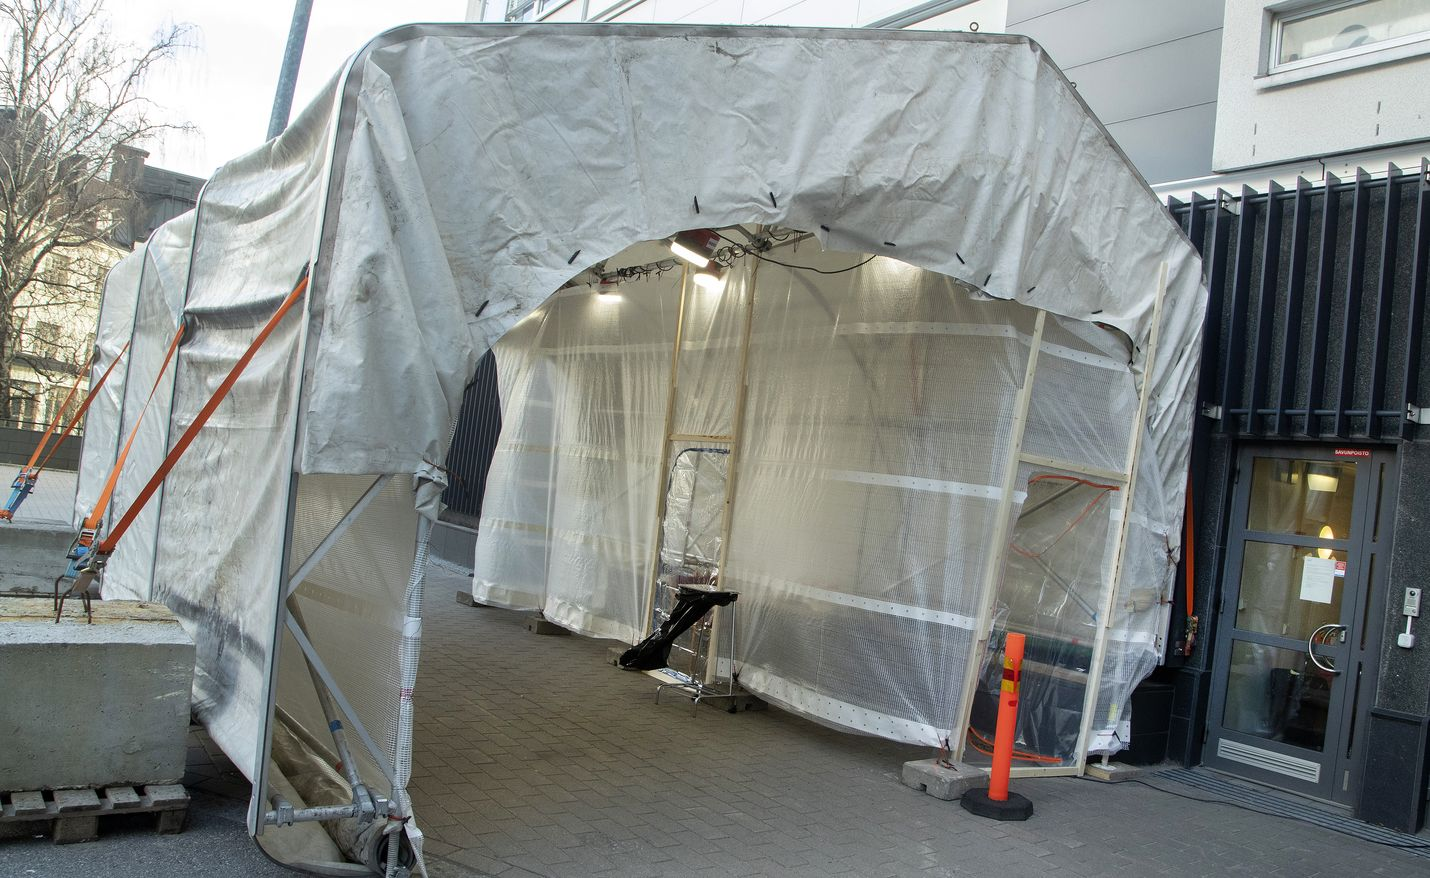 Husin alueella on pystytetty koronatestausteltta sairaalan takapihalla sijaitsevalle parkkipaikalle.